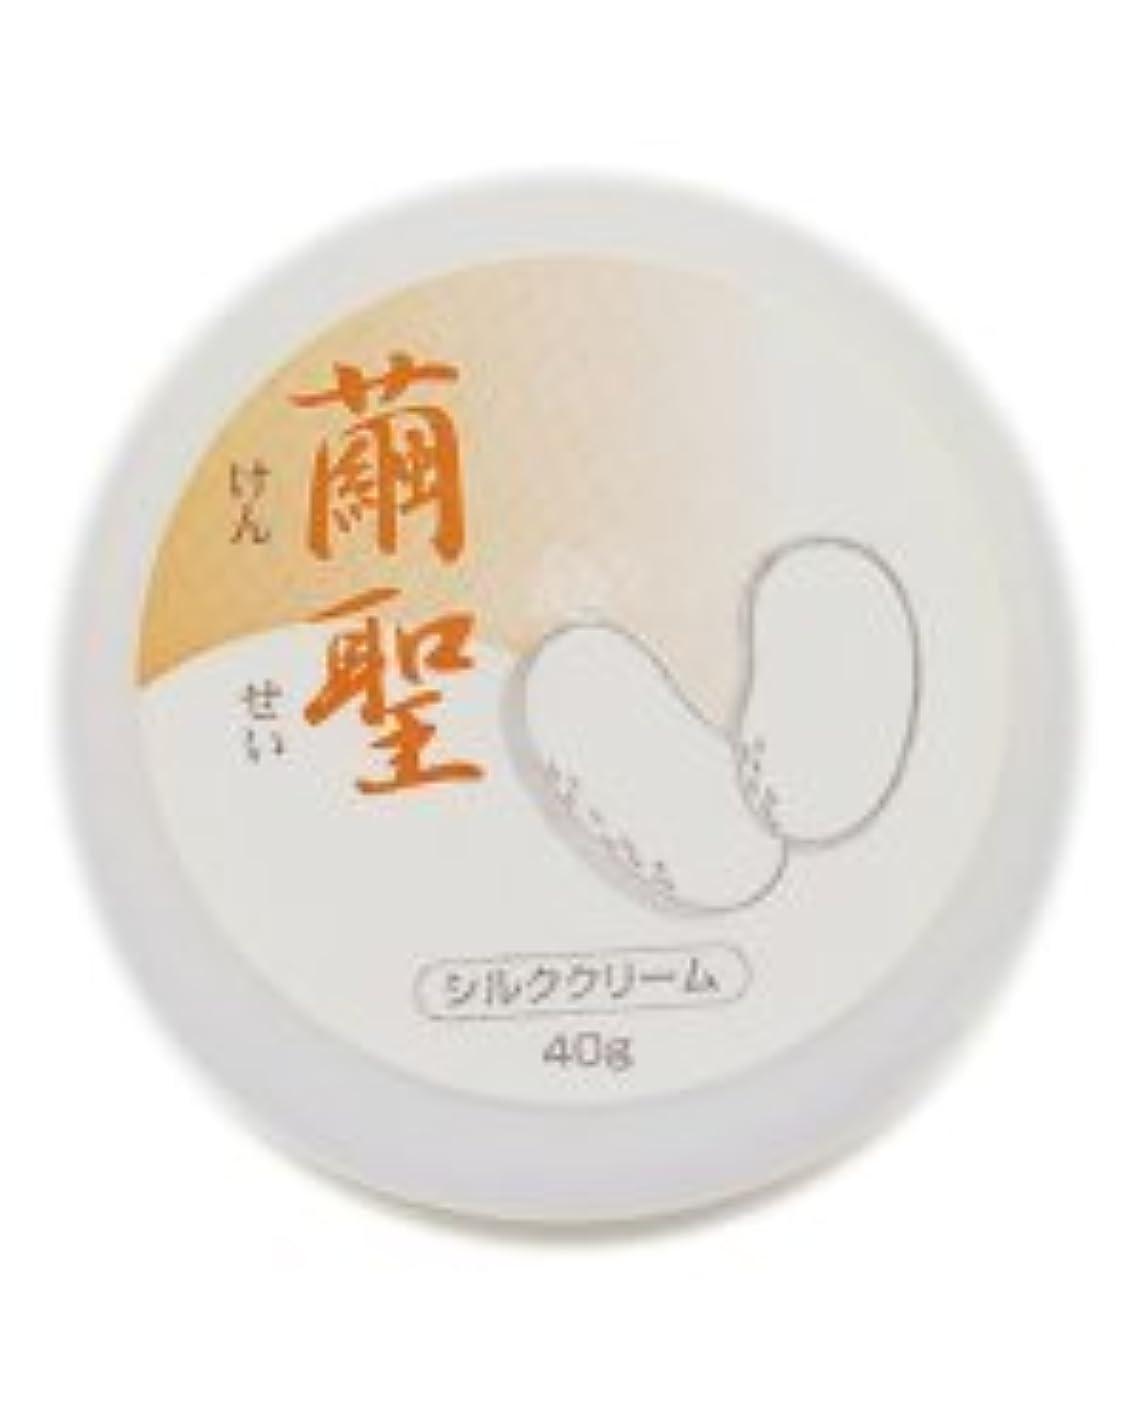 小包毛布湖〔ラヴィドール〕絹夢物語 繭聖(けんせい) 40g